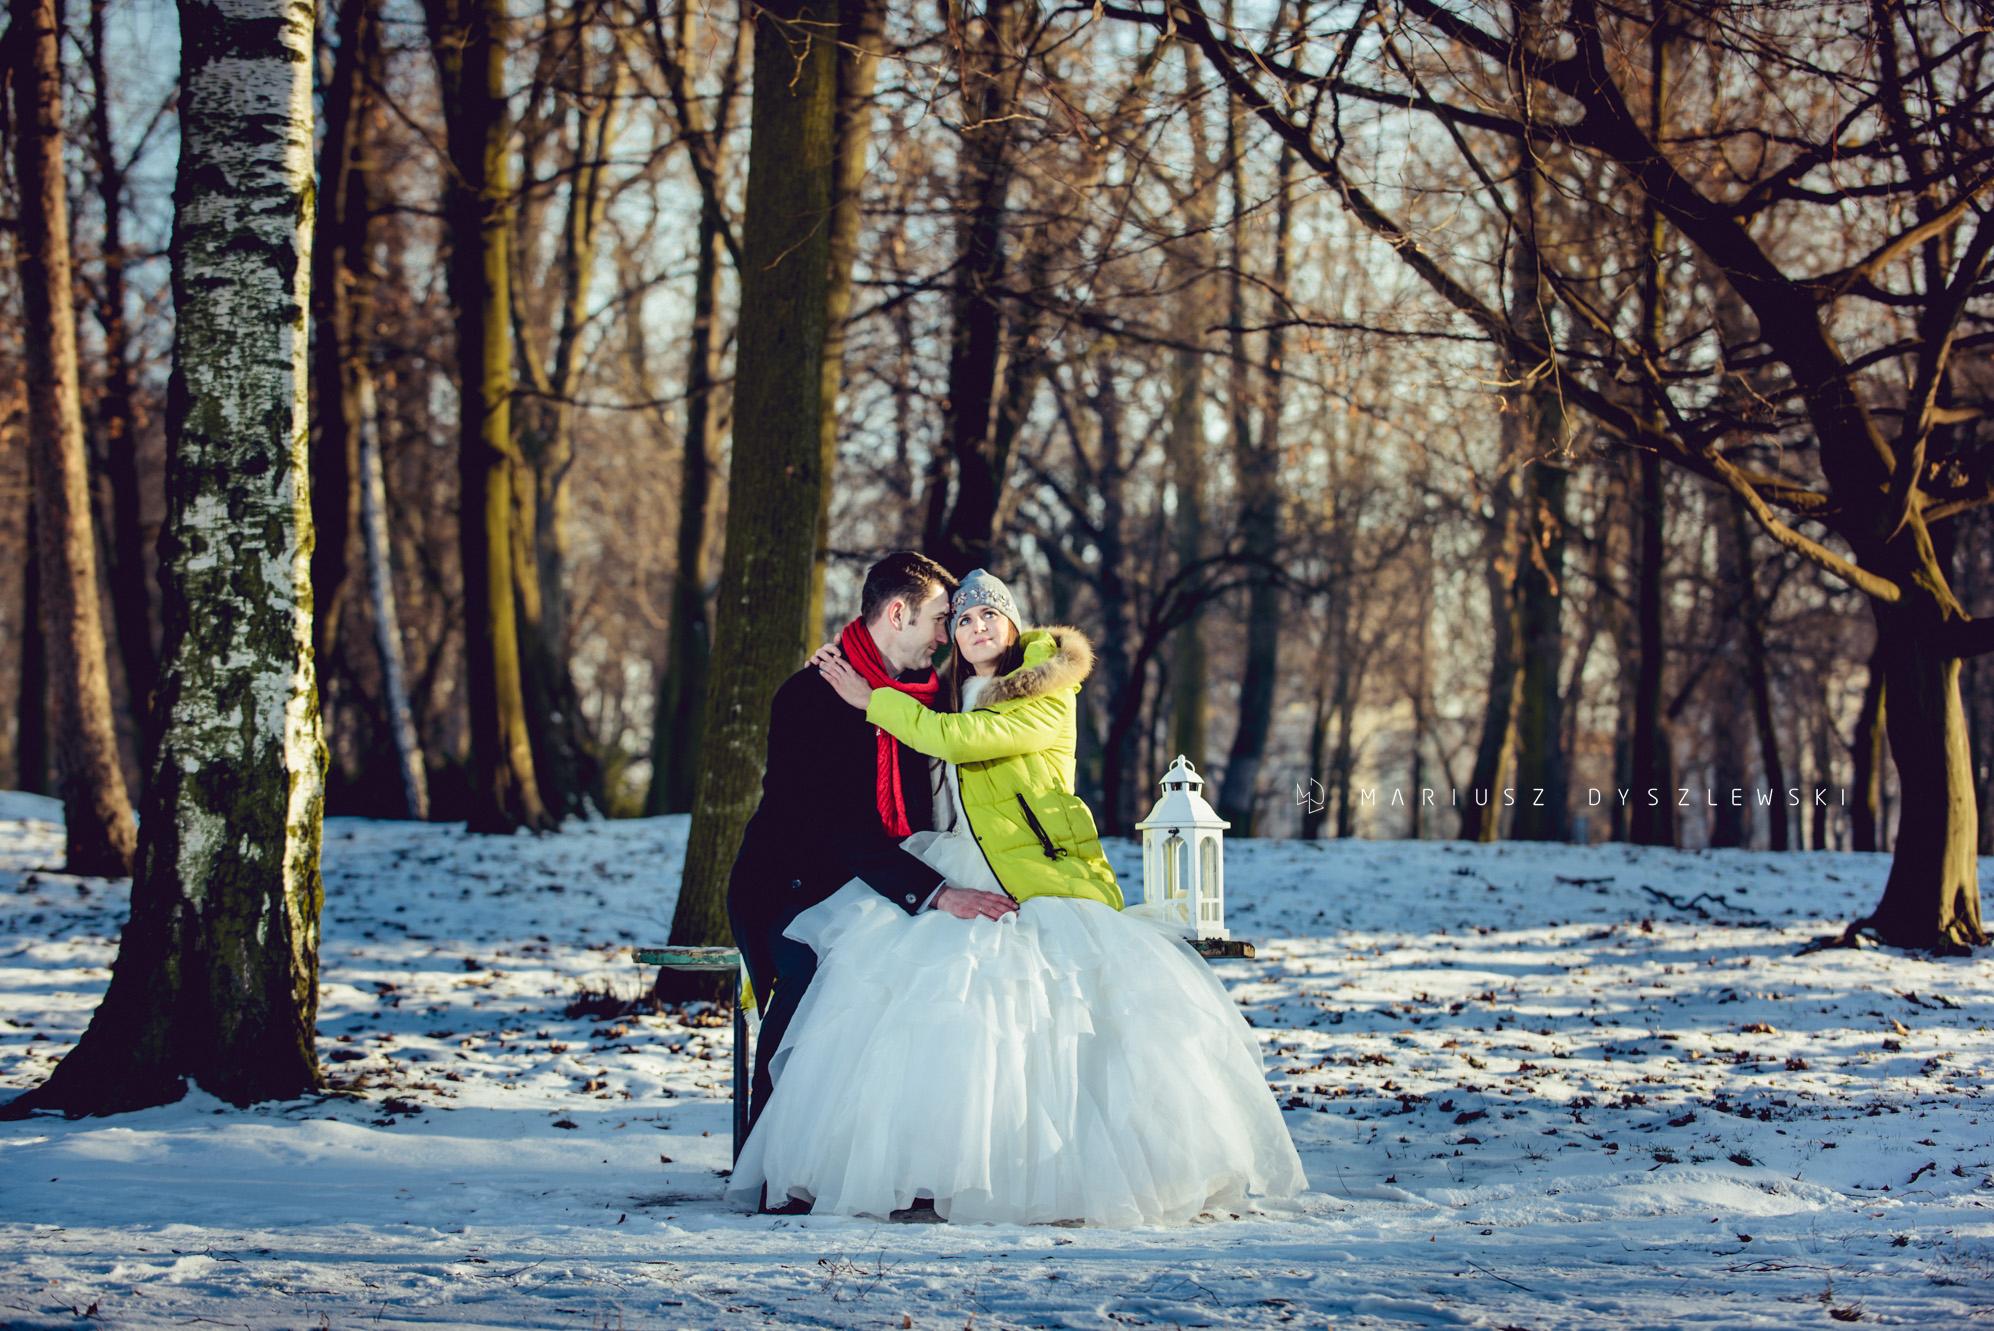 sesja_zimowa_mariusz_dyszlewski_fotograf (3)